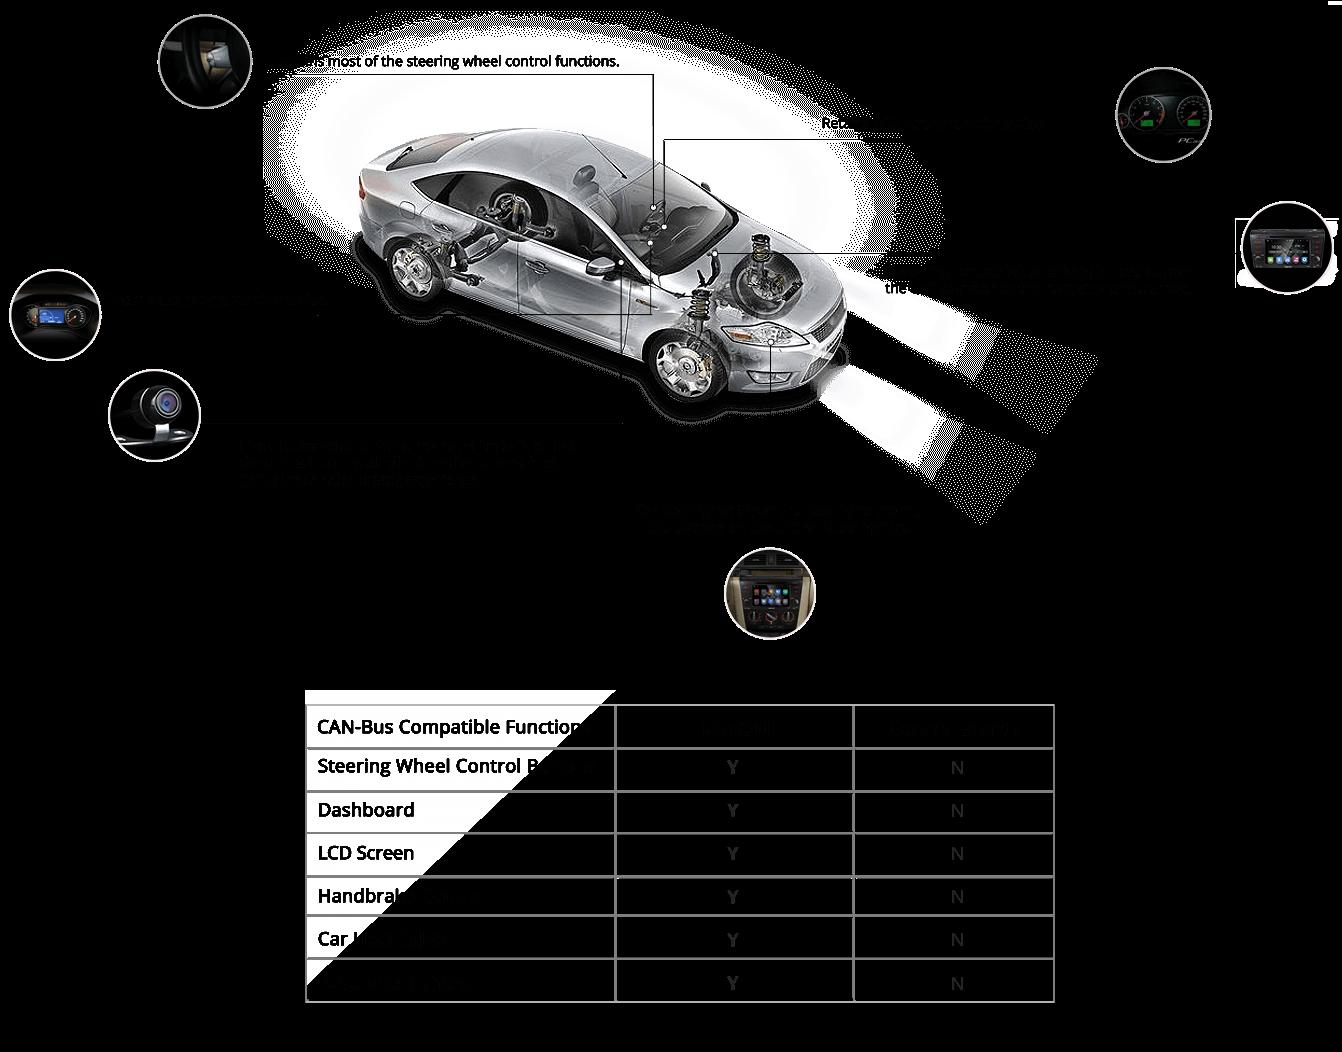 Eonon Reverse Camera Wiring Diagram | Wiring Liry on muse wiring diagram, samsung wiring diagram, toshiba wiring diagram, fusion wiring diagram, apple wiring diagram, lanzar wiring diagram, toyota wiring diagram, advent wiring diagram, everfocus wiring diagram, rca wiring diagram, honeywell wiring diagram, planet audio wiring diagram, panasonic wiring diagram, benq wiring diagram, asus wiring diagram, koolertron wiring diagram, focal wiring diagram, legacy wiring diagram, jvc wiring diagram, scosche wiring diagram,